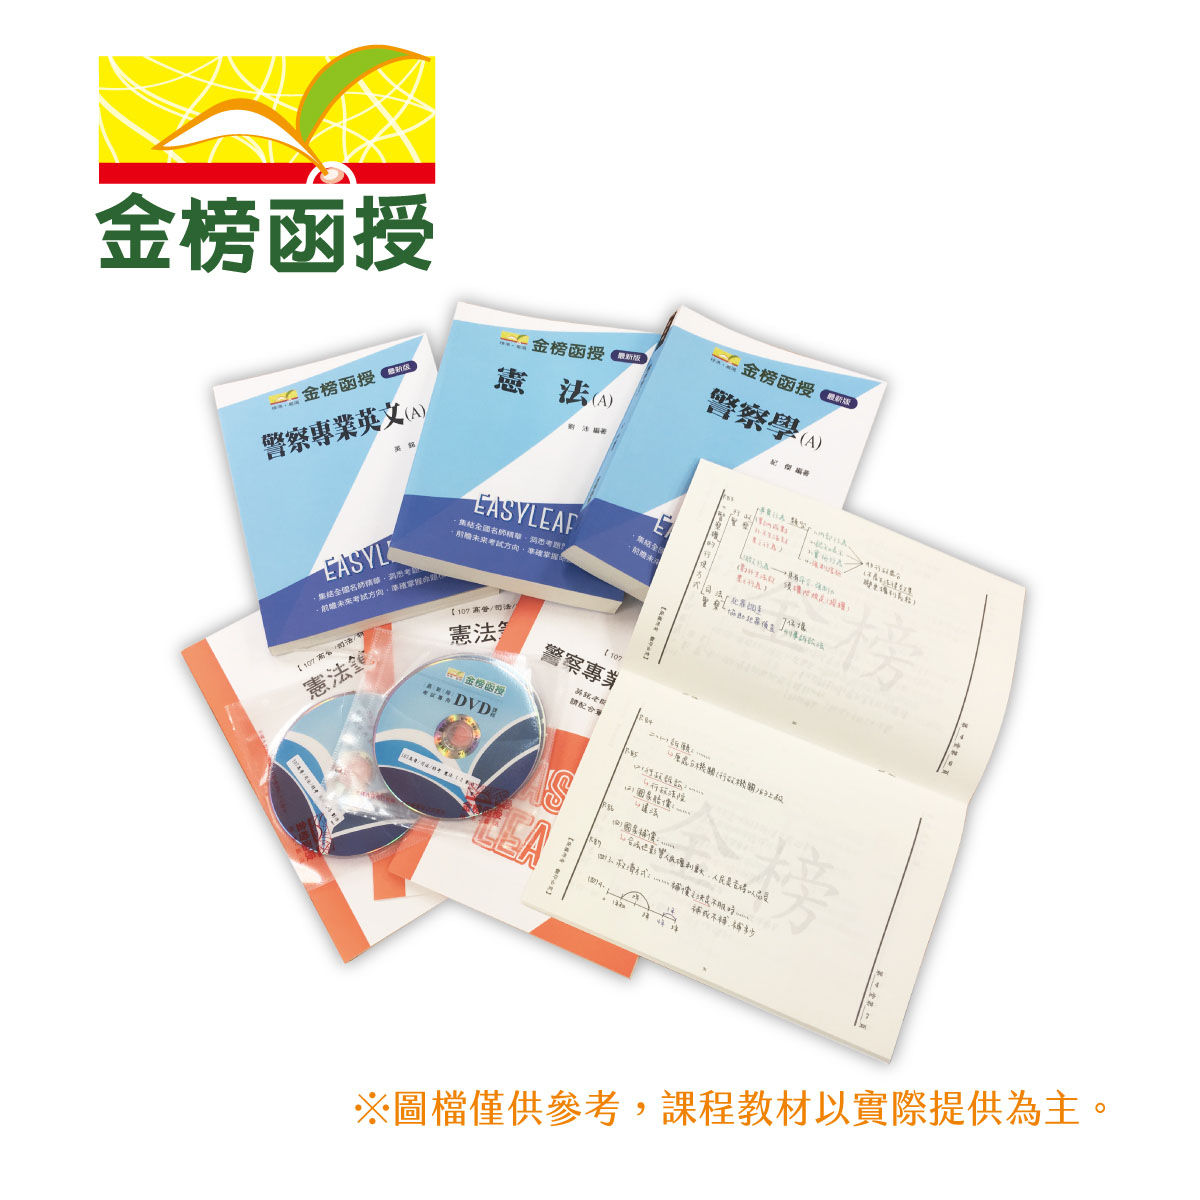 108金榜函授/高考三级/年度课程/全套/一般民政/云端